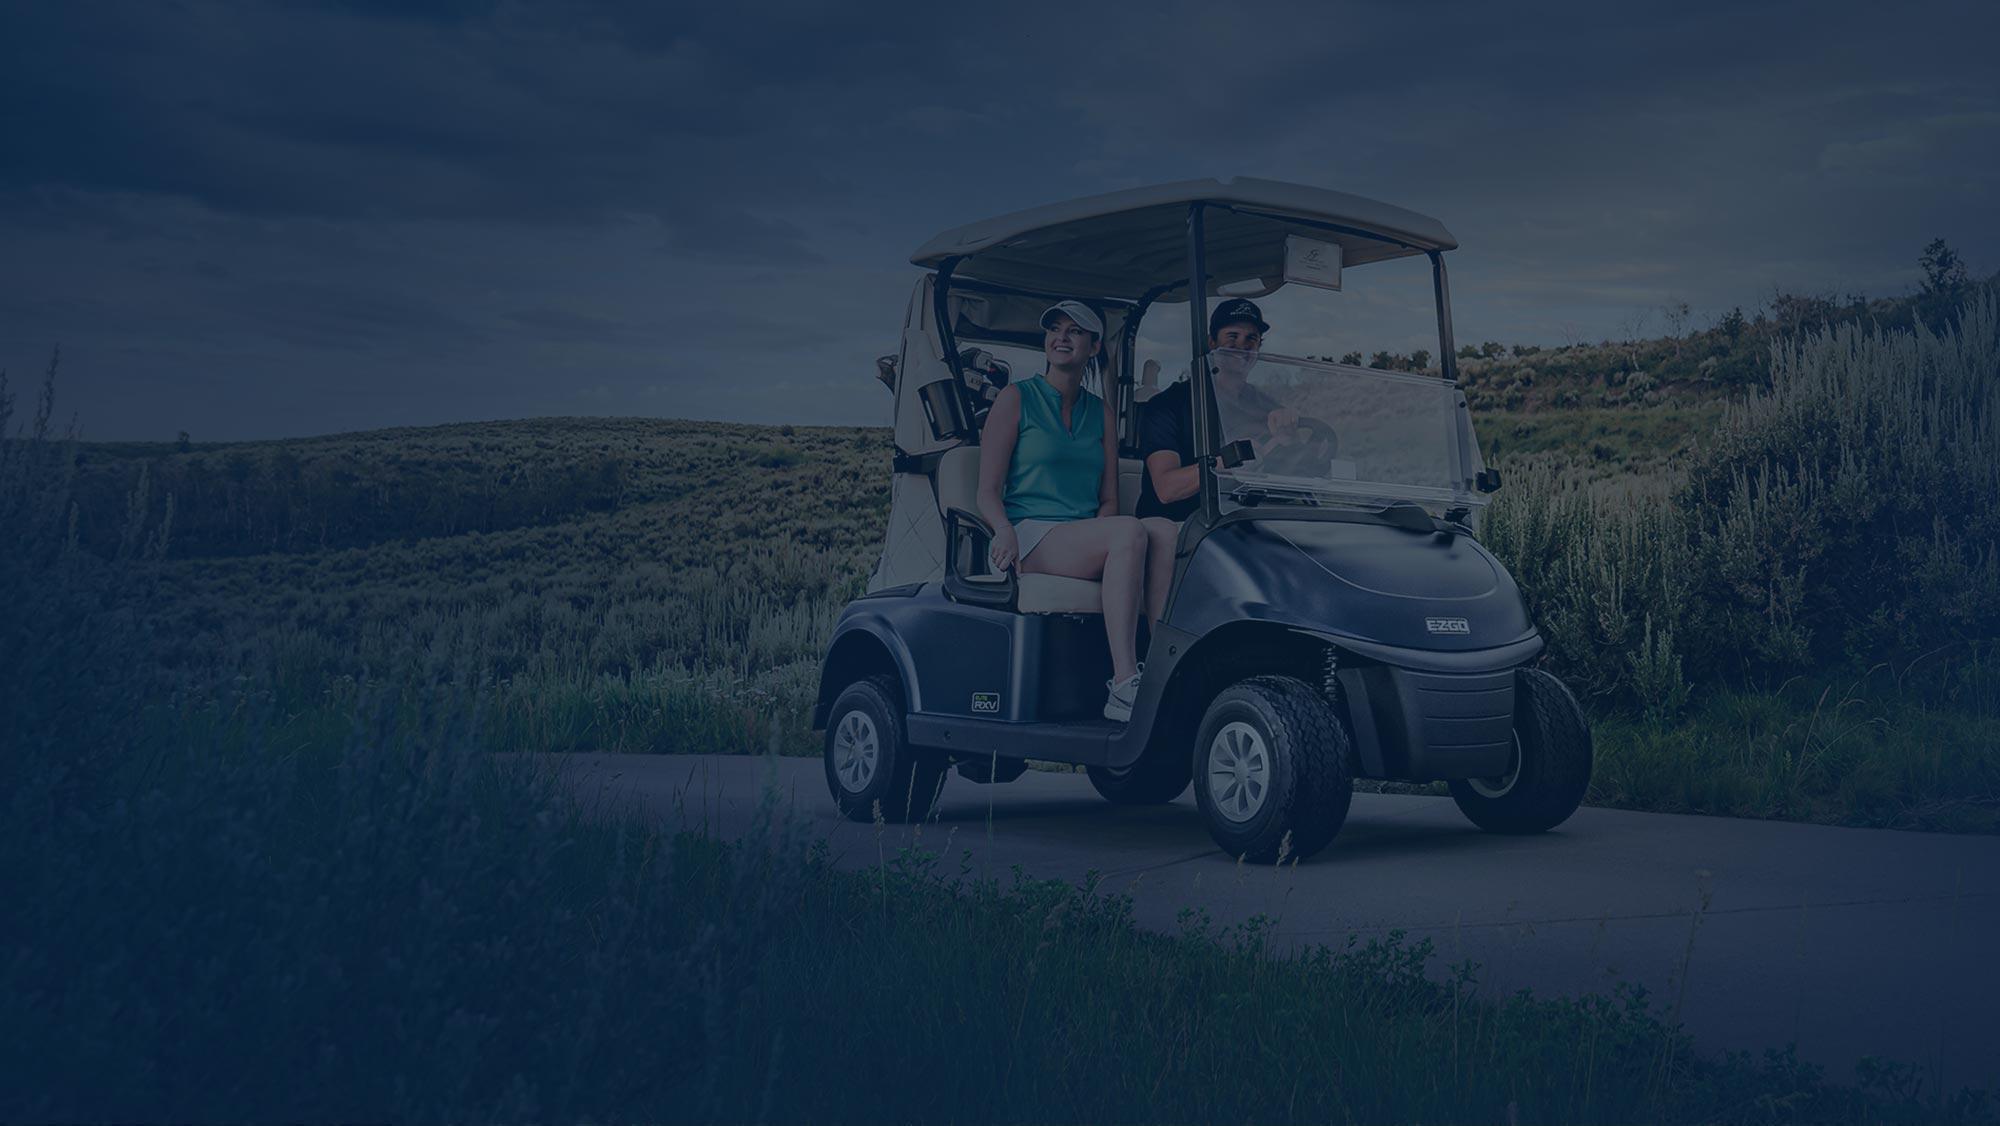 E-Z-GO Environmentally-Friendly Green Golf Cart